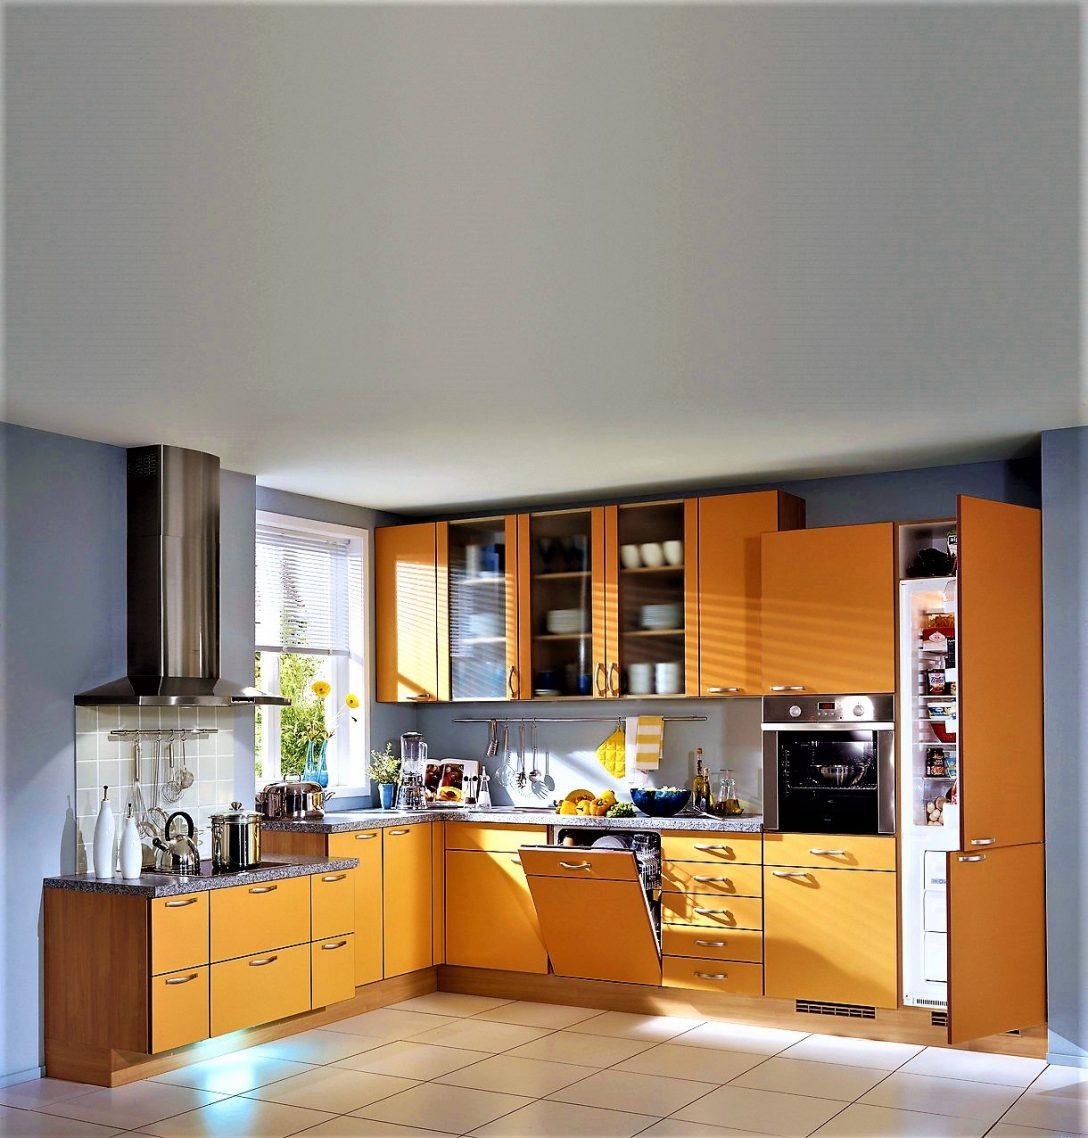 Large Size of Gebraucht Einbauküche Kaufen Einbauküche Kaufen Erfahrungen Amerikanische Einbauküche Kaufen Billig Einbauküche Kaufen Küche Einbauküche Kaufen